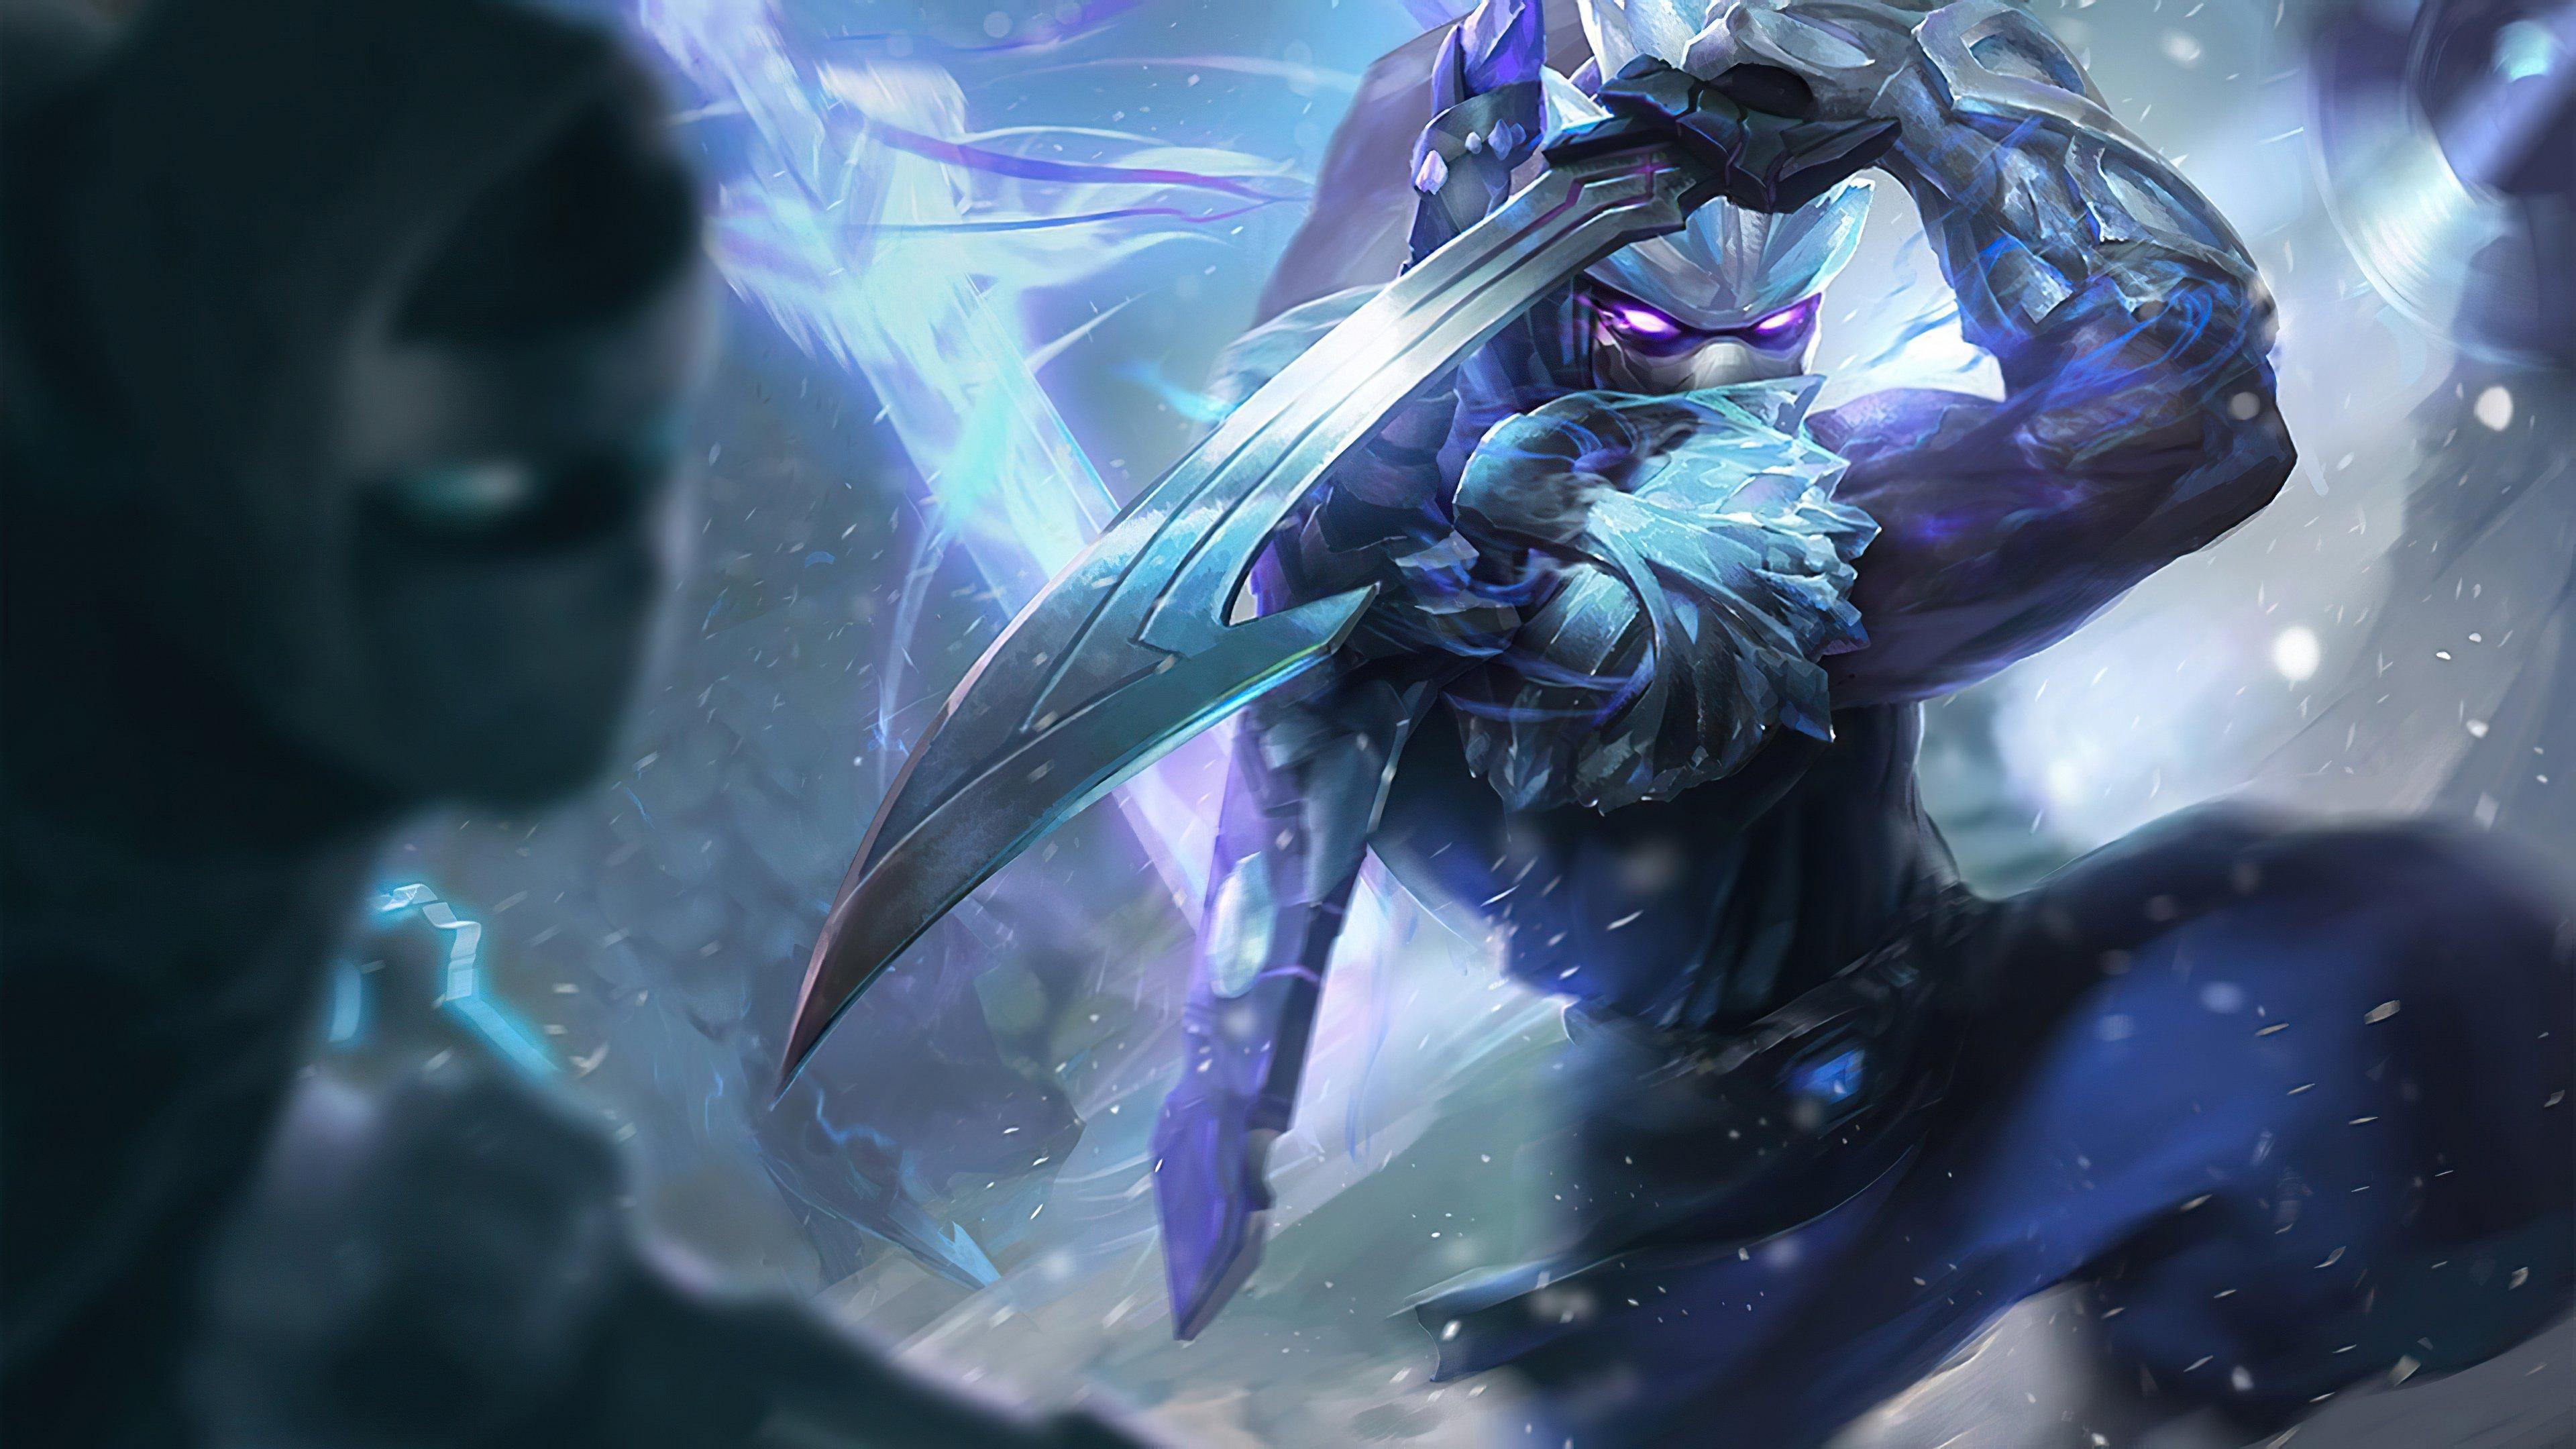 Wallpaper Shen from League of Legends